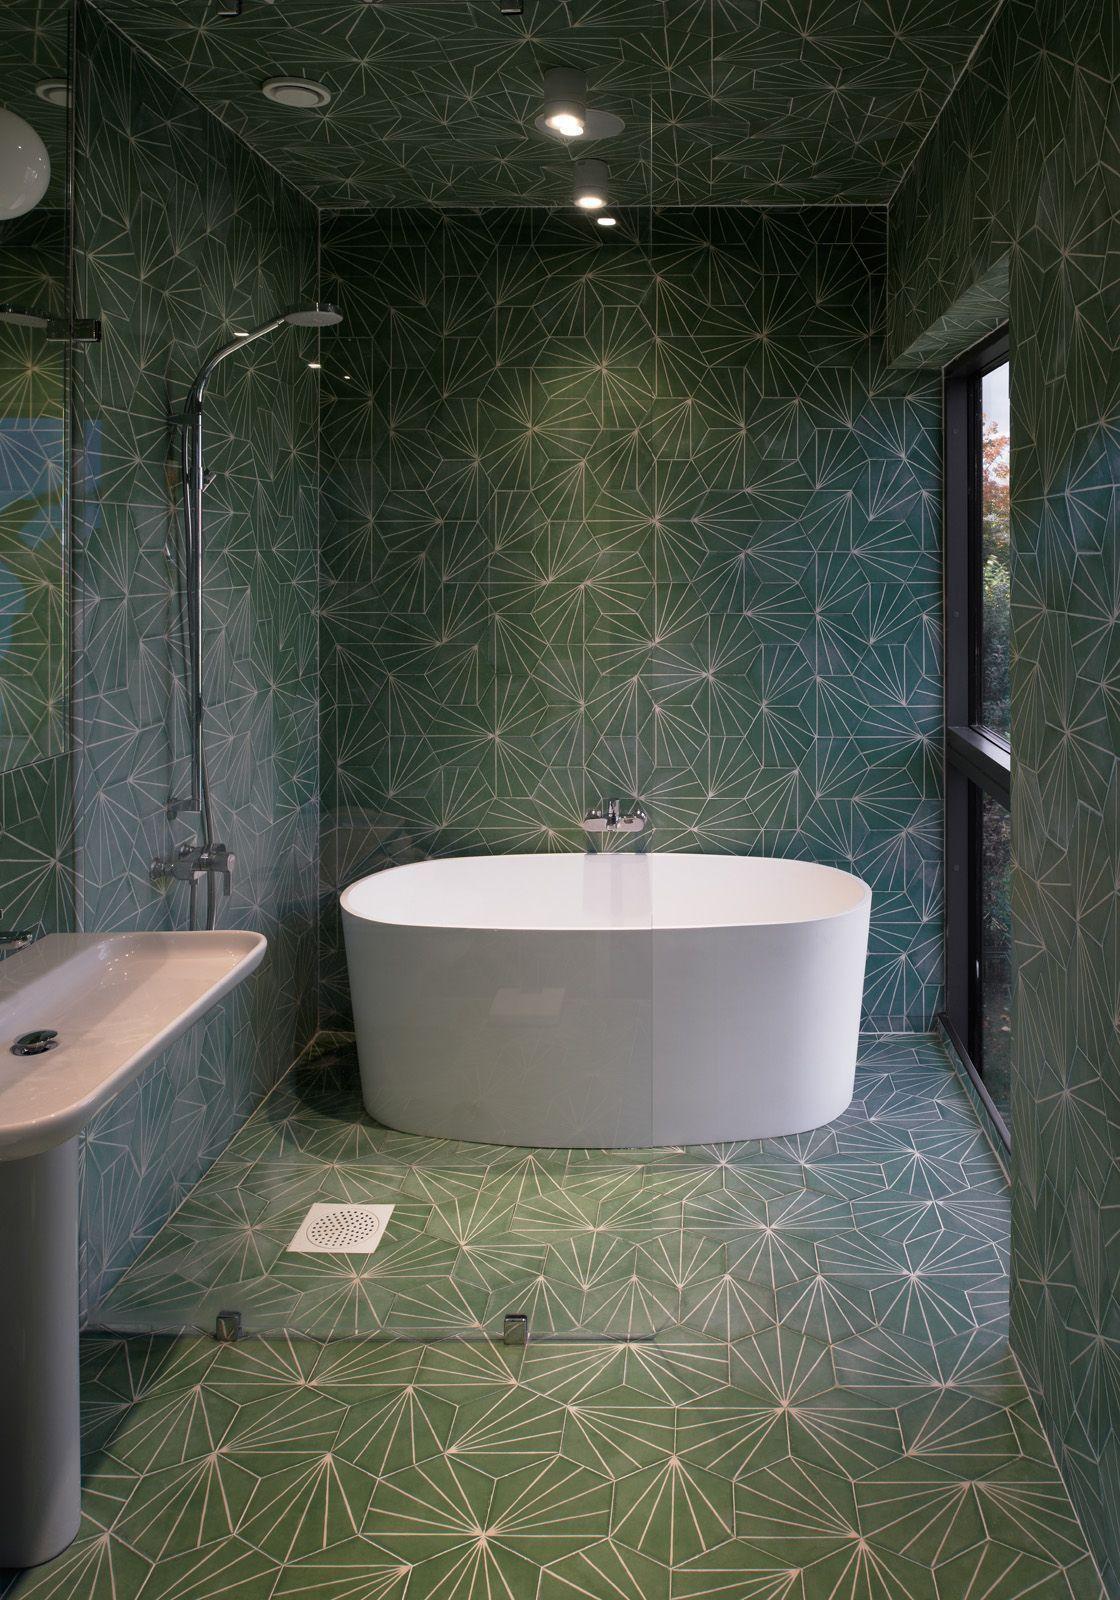 Bathroom Design Ideas: Use the Same Tile On the Floors and ...